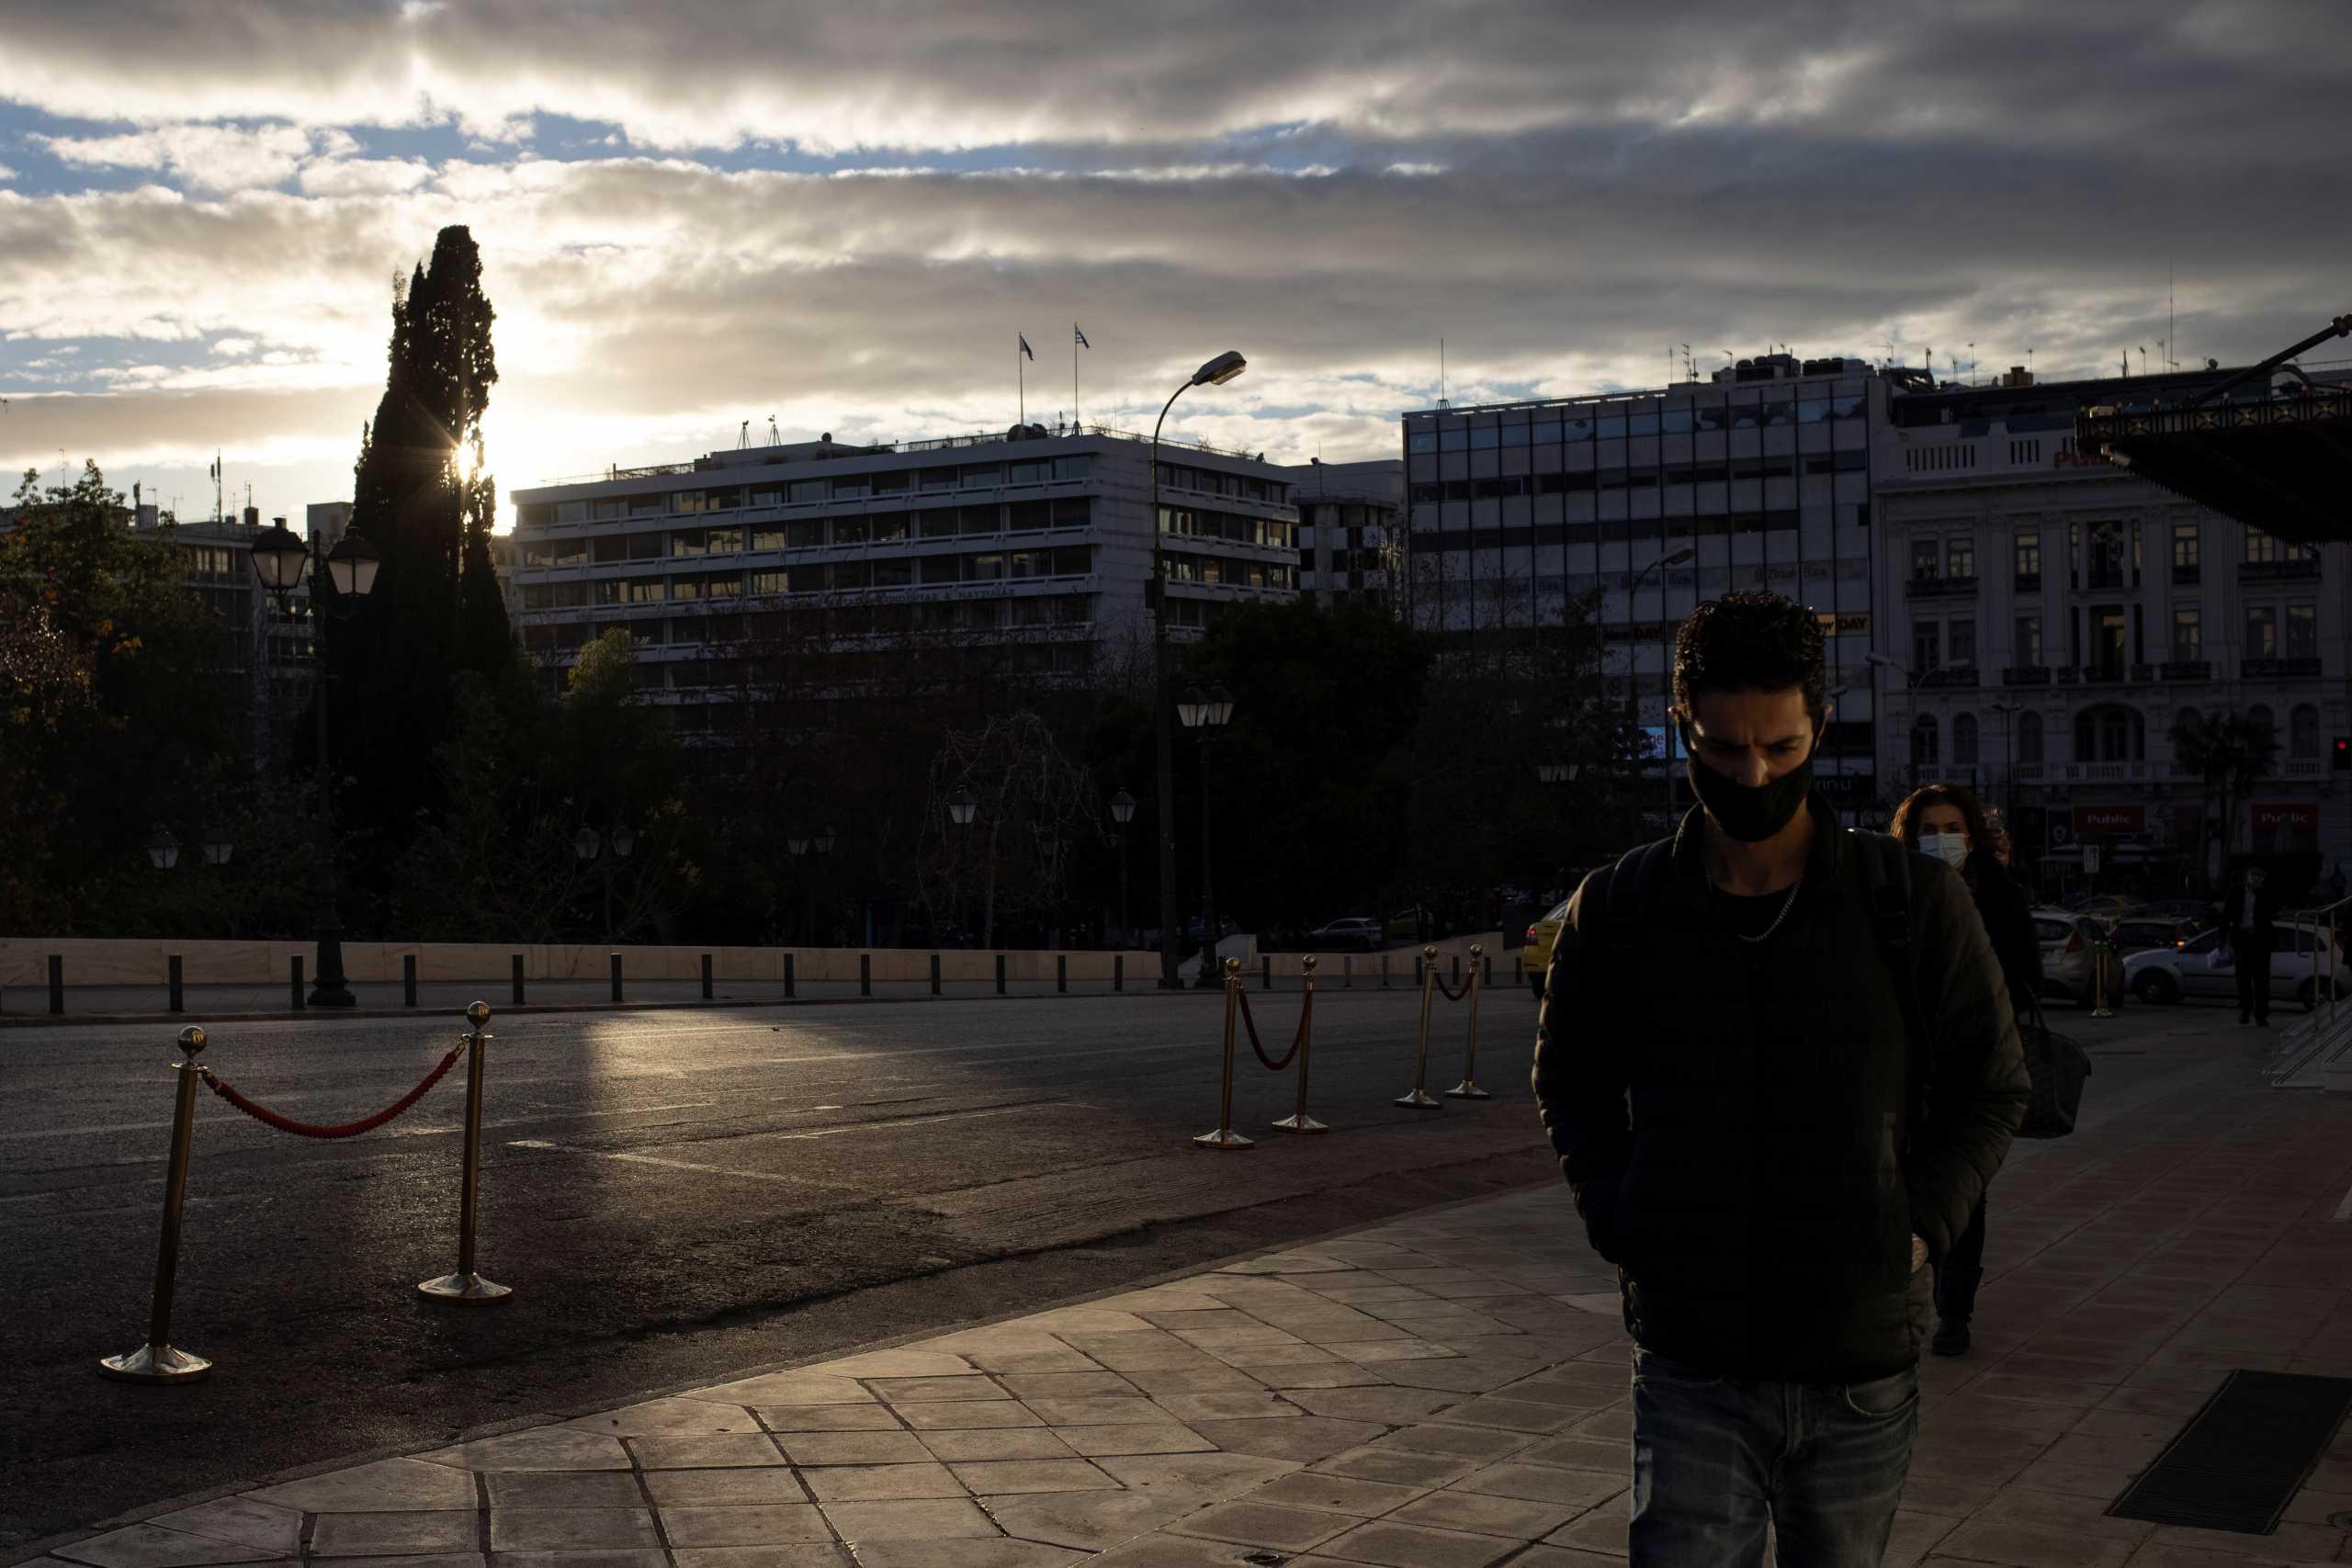 Κορονοϊός: Αργεί η αποκλιμάκωση της κατάστασης – Παραμένει στα ύψη ο δείκτης θετικότητας